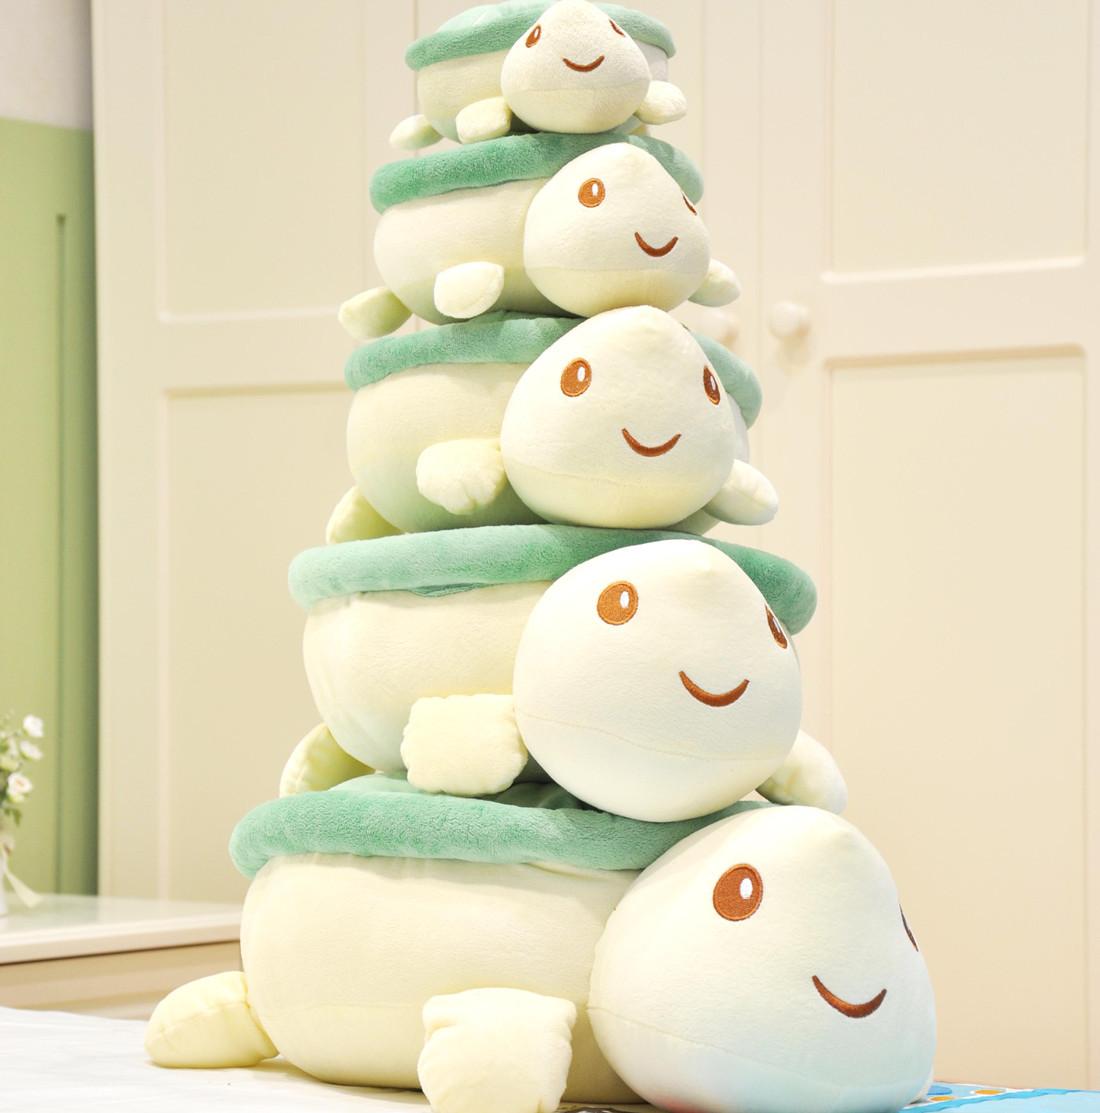 可爱乌龟毛绒玩具抱枕公仔午睡枕头公司结婚活动小礼品抛洒玩偶定